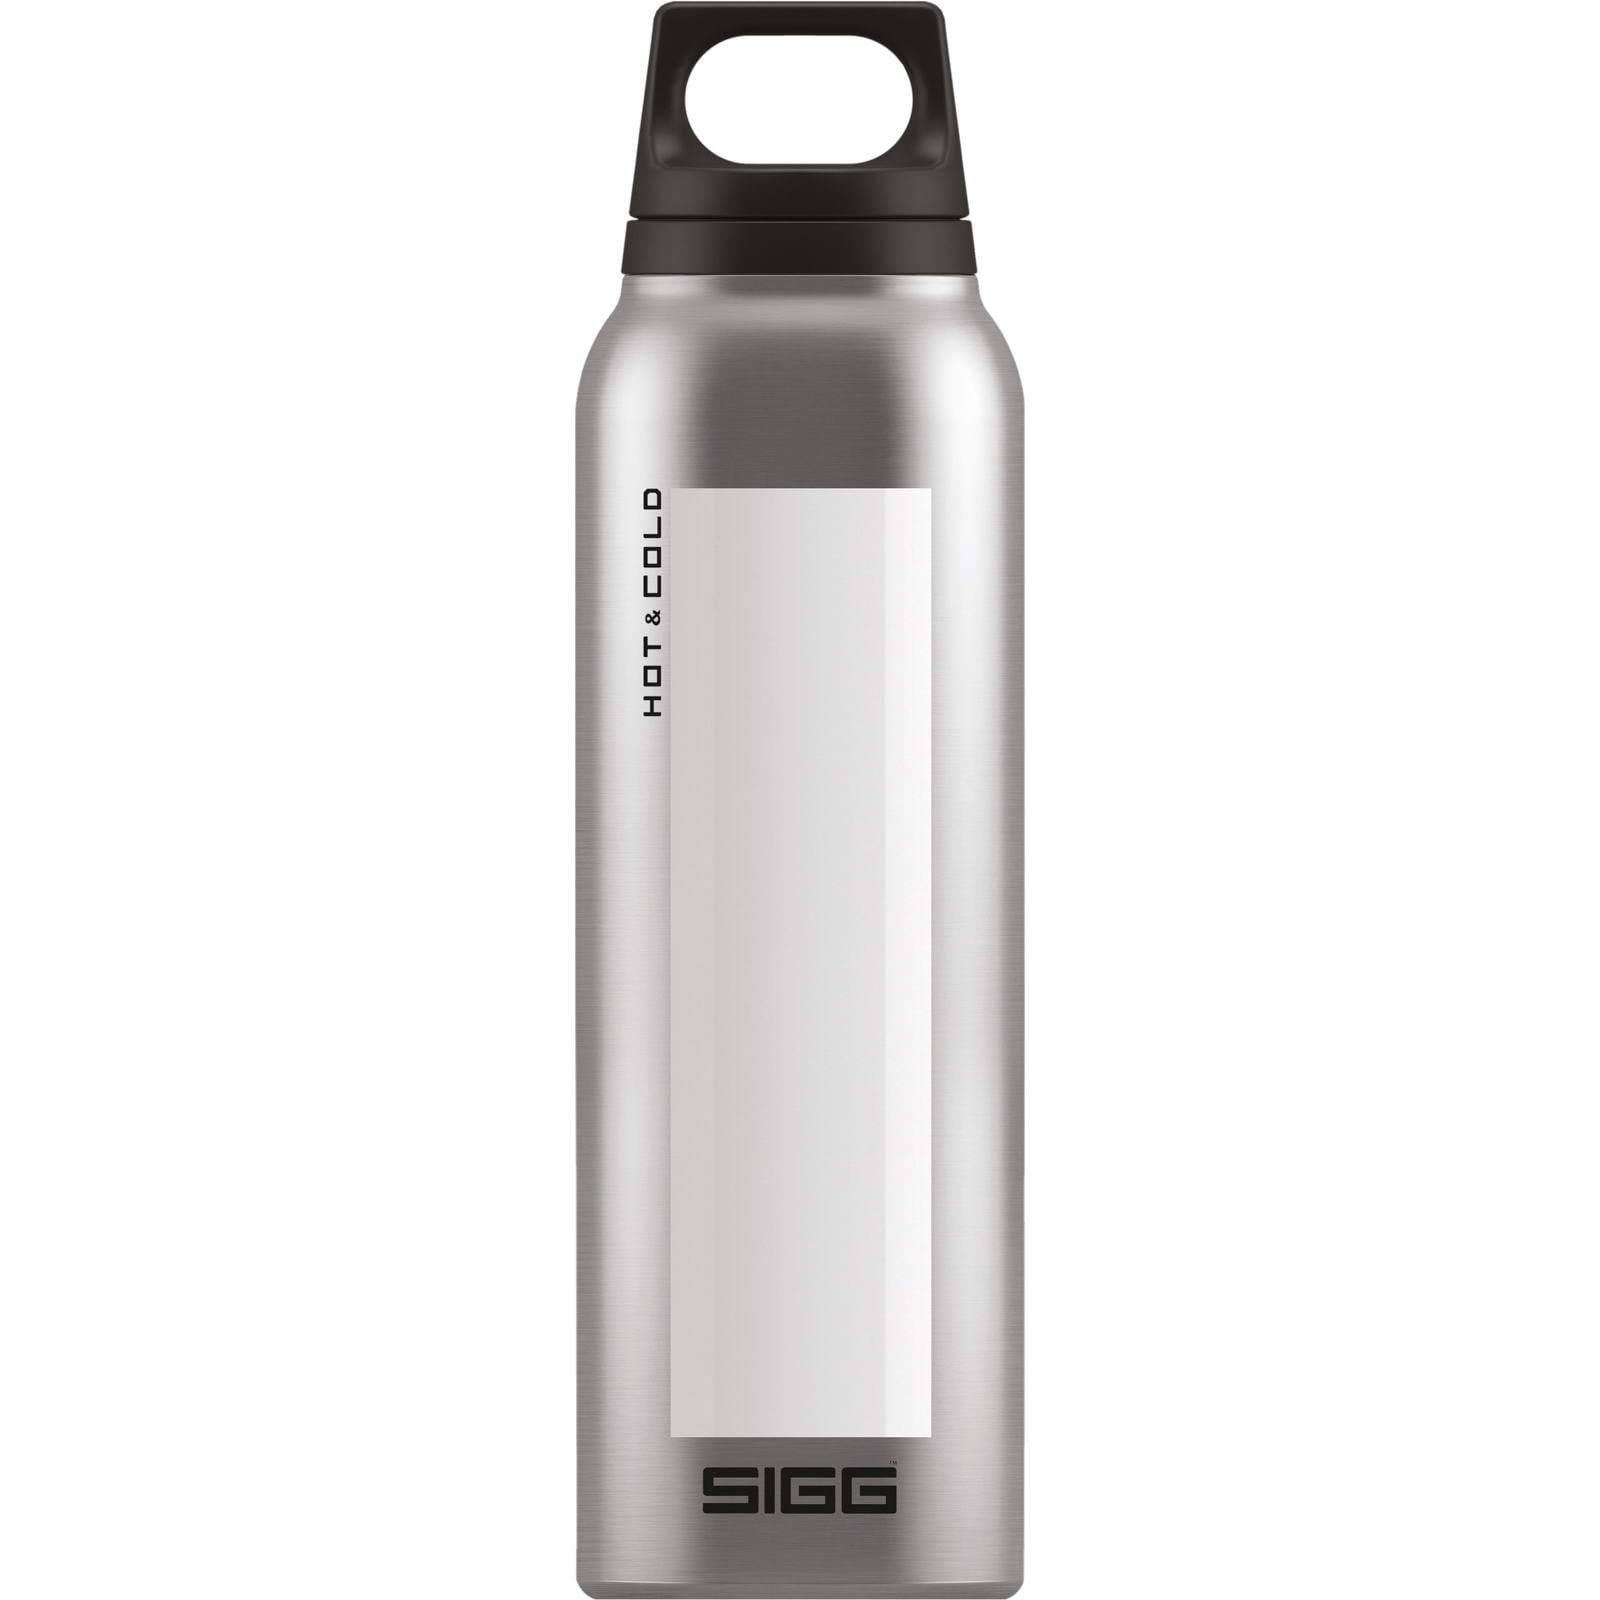 Sigg Hot & Cold Accent 0.5L - Thermoflasche white - Bild 3